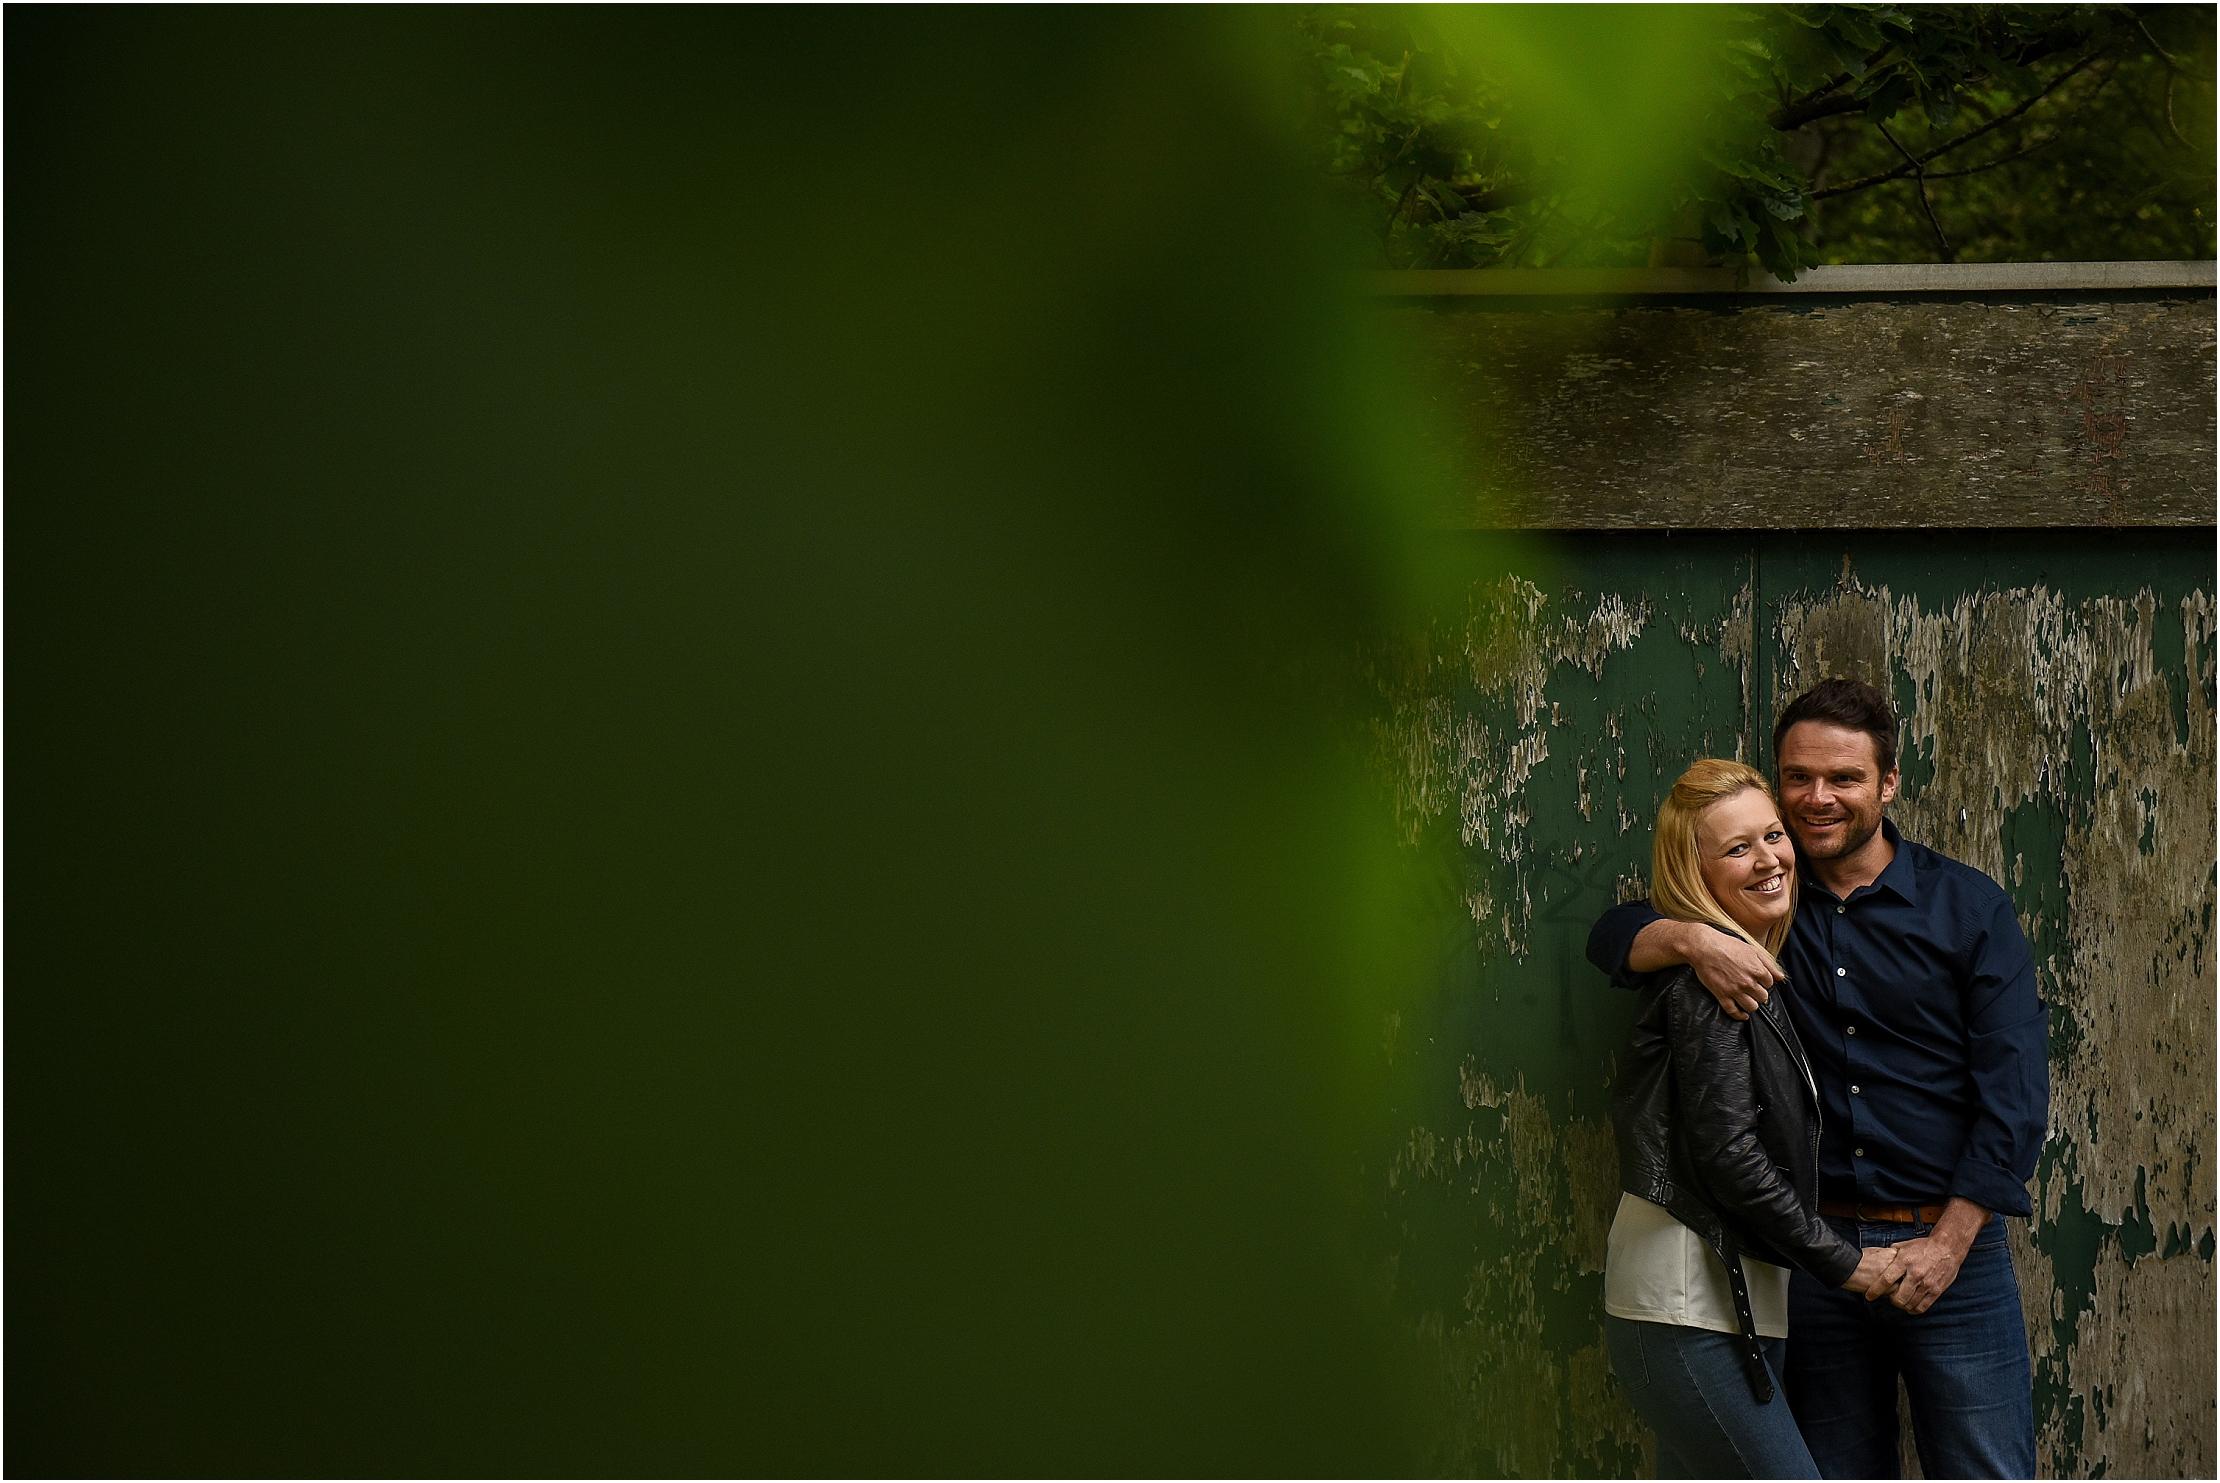 lytham-pre-wedding-shoot - 07.jpg